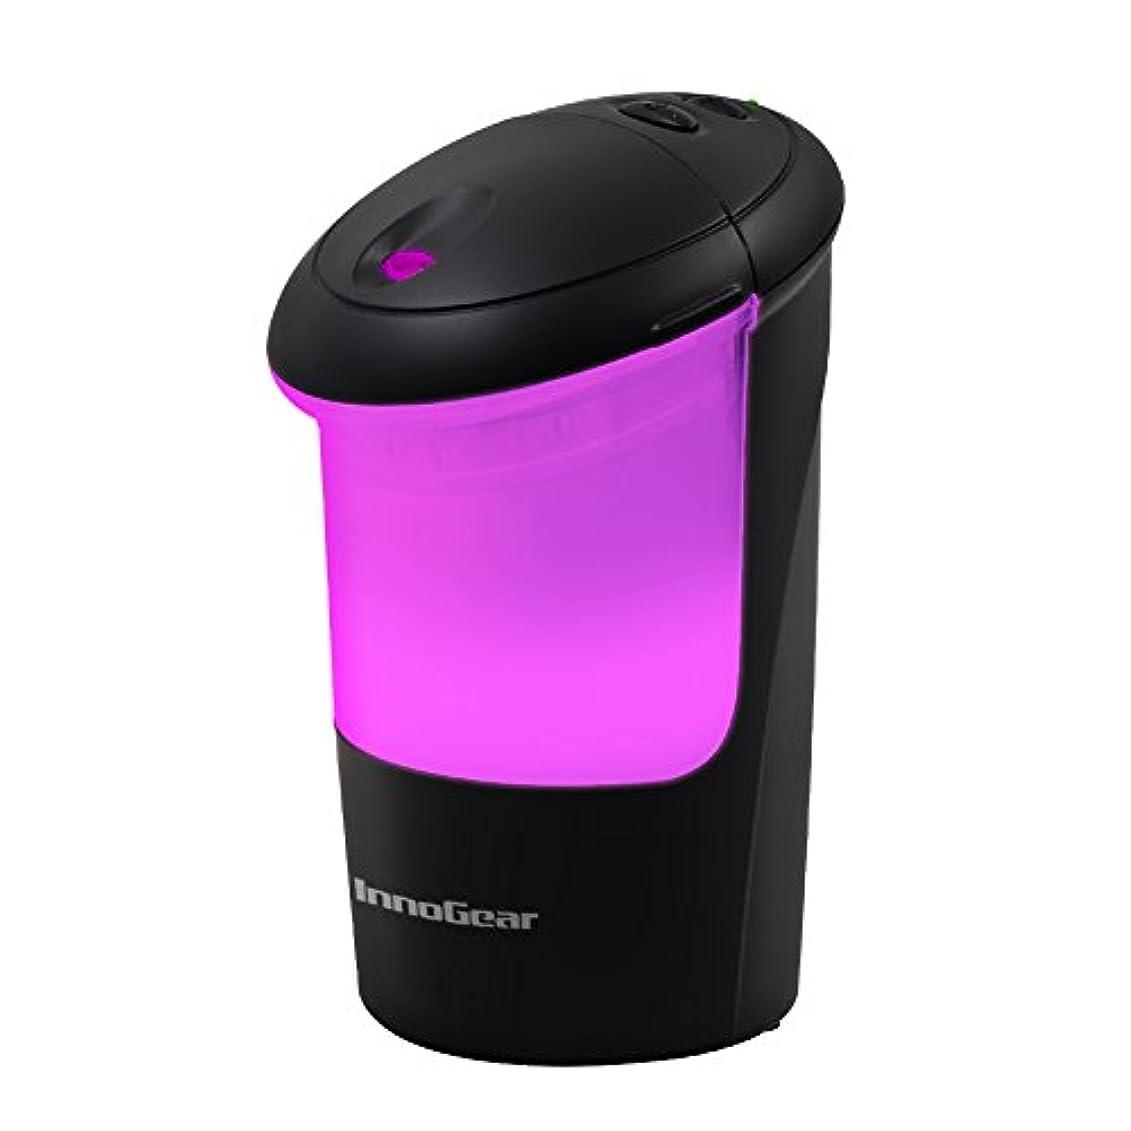 粘着性インテリアホラーInnoGear USB車Essential Oil Diffuser Air Refresher超音波アロマテラピーDiffusers with 7カラフルなLEDライトオフィス旅行ホーム車の ブラック UD50